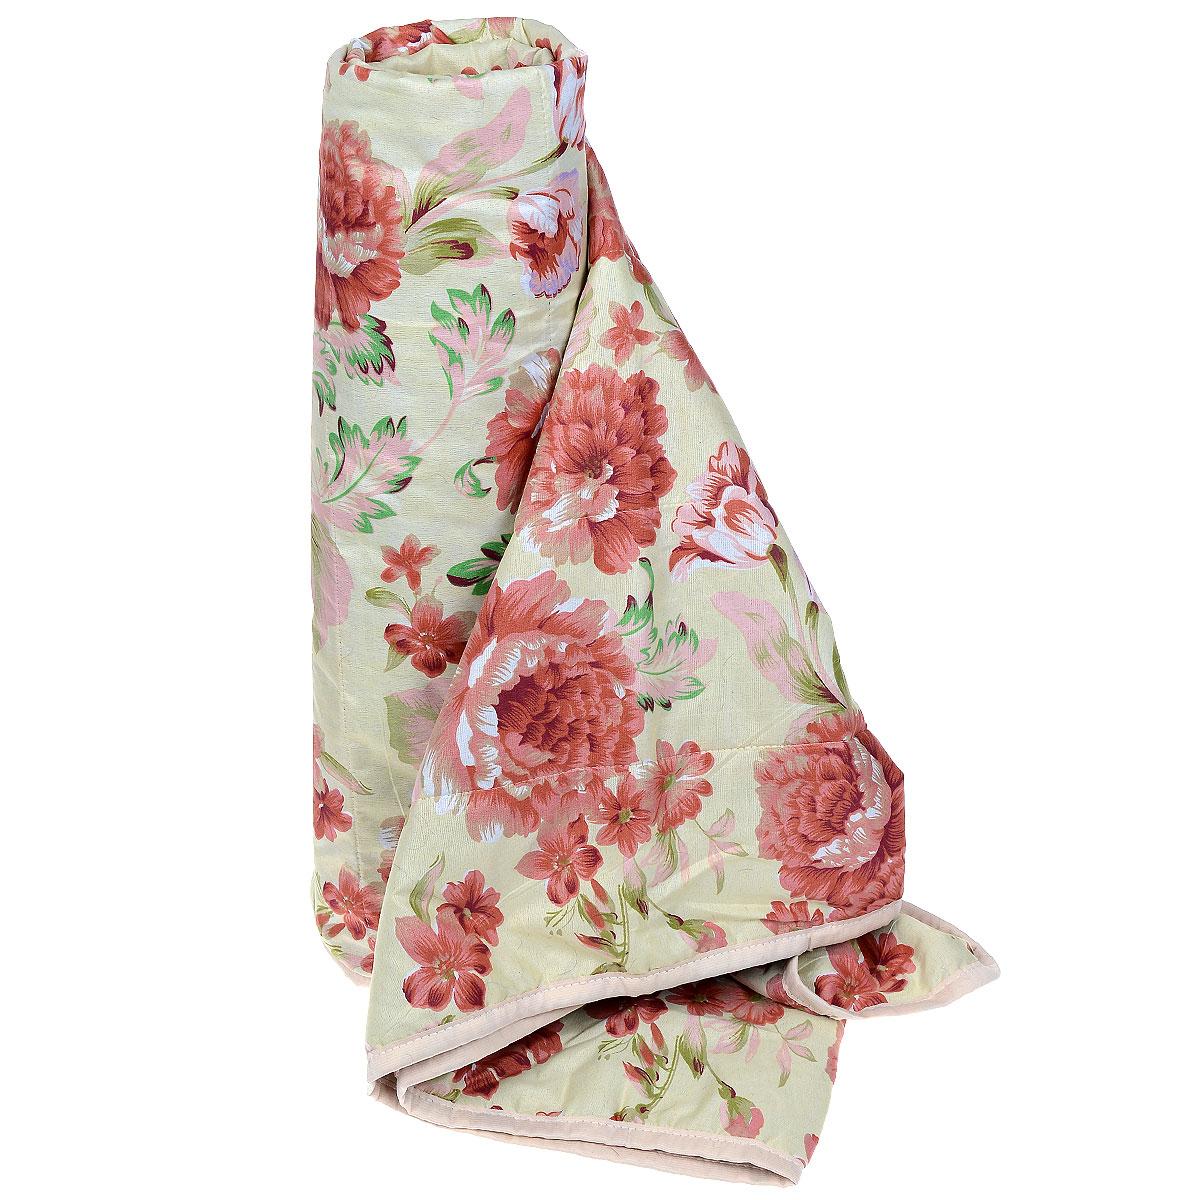 Одеяло летнее OL-Tex Miotex, наполнитель: полиэфирное волокно Holfiteks, цвет: бежевый, красный, 172 см х 205 смМХПЭ-18-1_бежевый, красныйЛегкое летнее одеяло OL-Tex Miotex создаст комфорт и уют во время сна. Чехол выполнен из полиэстера и оформлен красочным рисунком. Внутри - современный наполнитель из полиэфирного высокосиликонизированного волокна Holfiteks, упругий и качественный. Прекрасно держит тепло. Одеяло с наполнителем Holfiteks легкое и комфортное. Даже после многократных стирок не теряет свою форму, наполнитель не сбивается, так как одеяло простегано и окантовано. Не вызывает аллергии. Holfiteks - это возможность легко ухаживать за своими постельными принадлежностями. Можно стирать в машинке, изделия быстро и полностью высыхают - это обеспечивает гигиену спального места при невысокой цене на продукцию.Плотность: 100 г/м2.